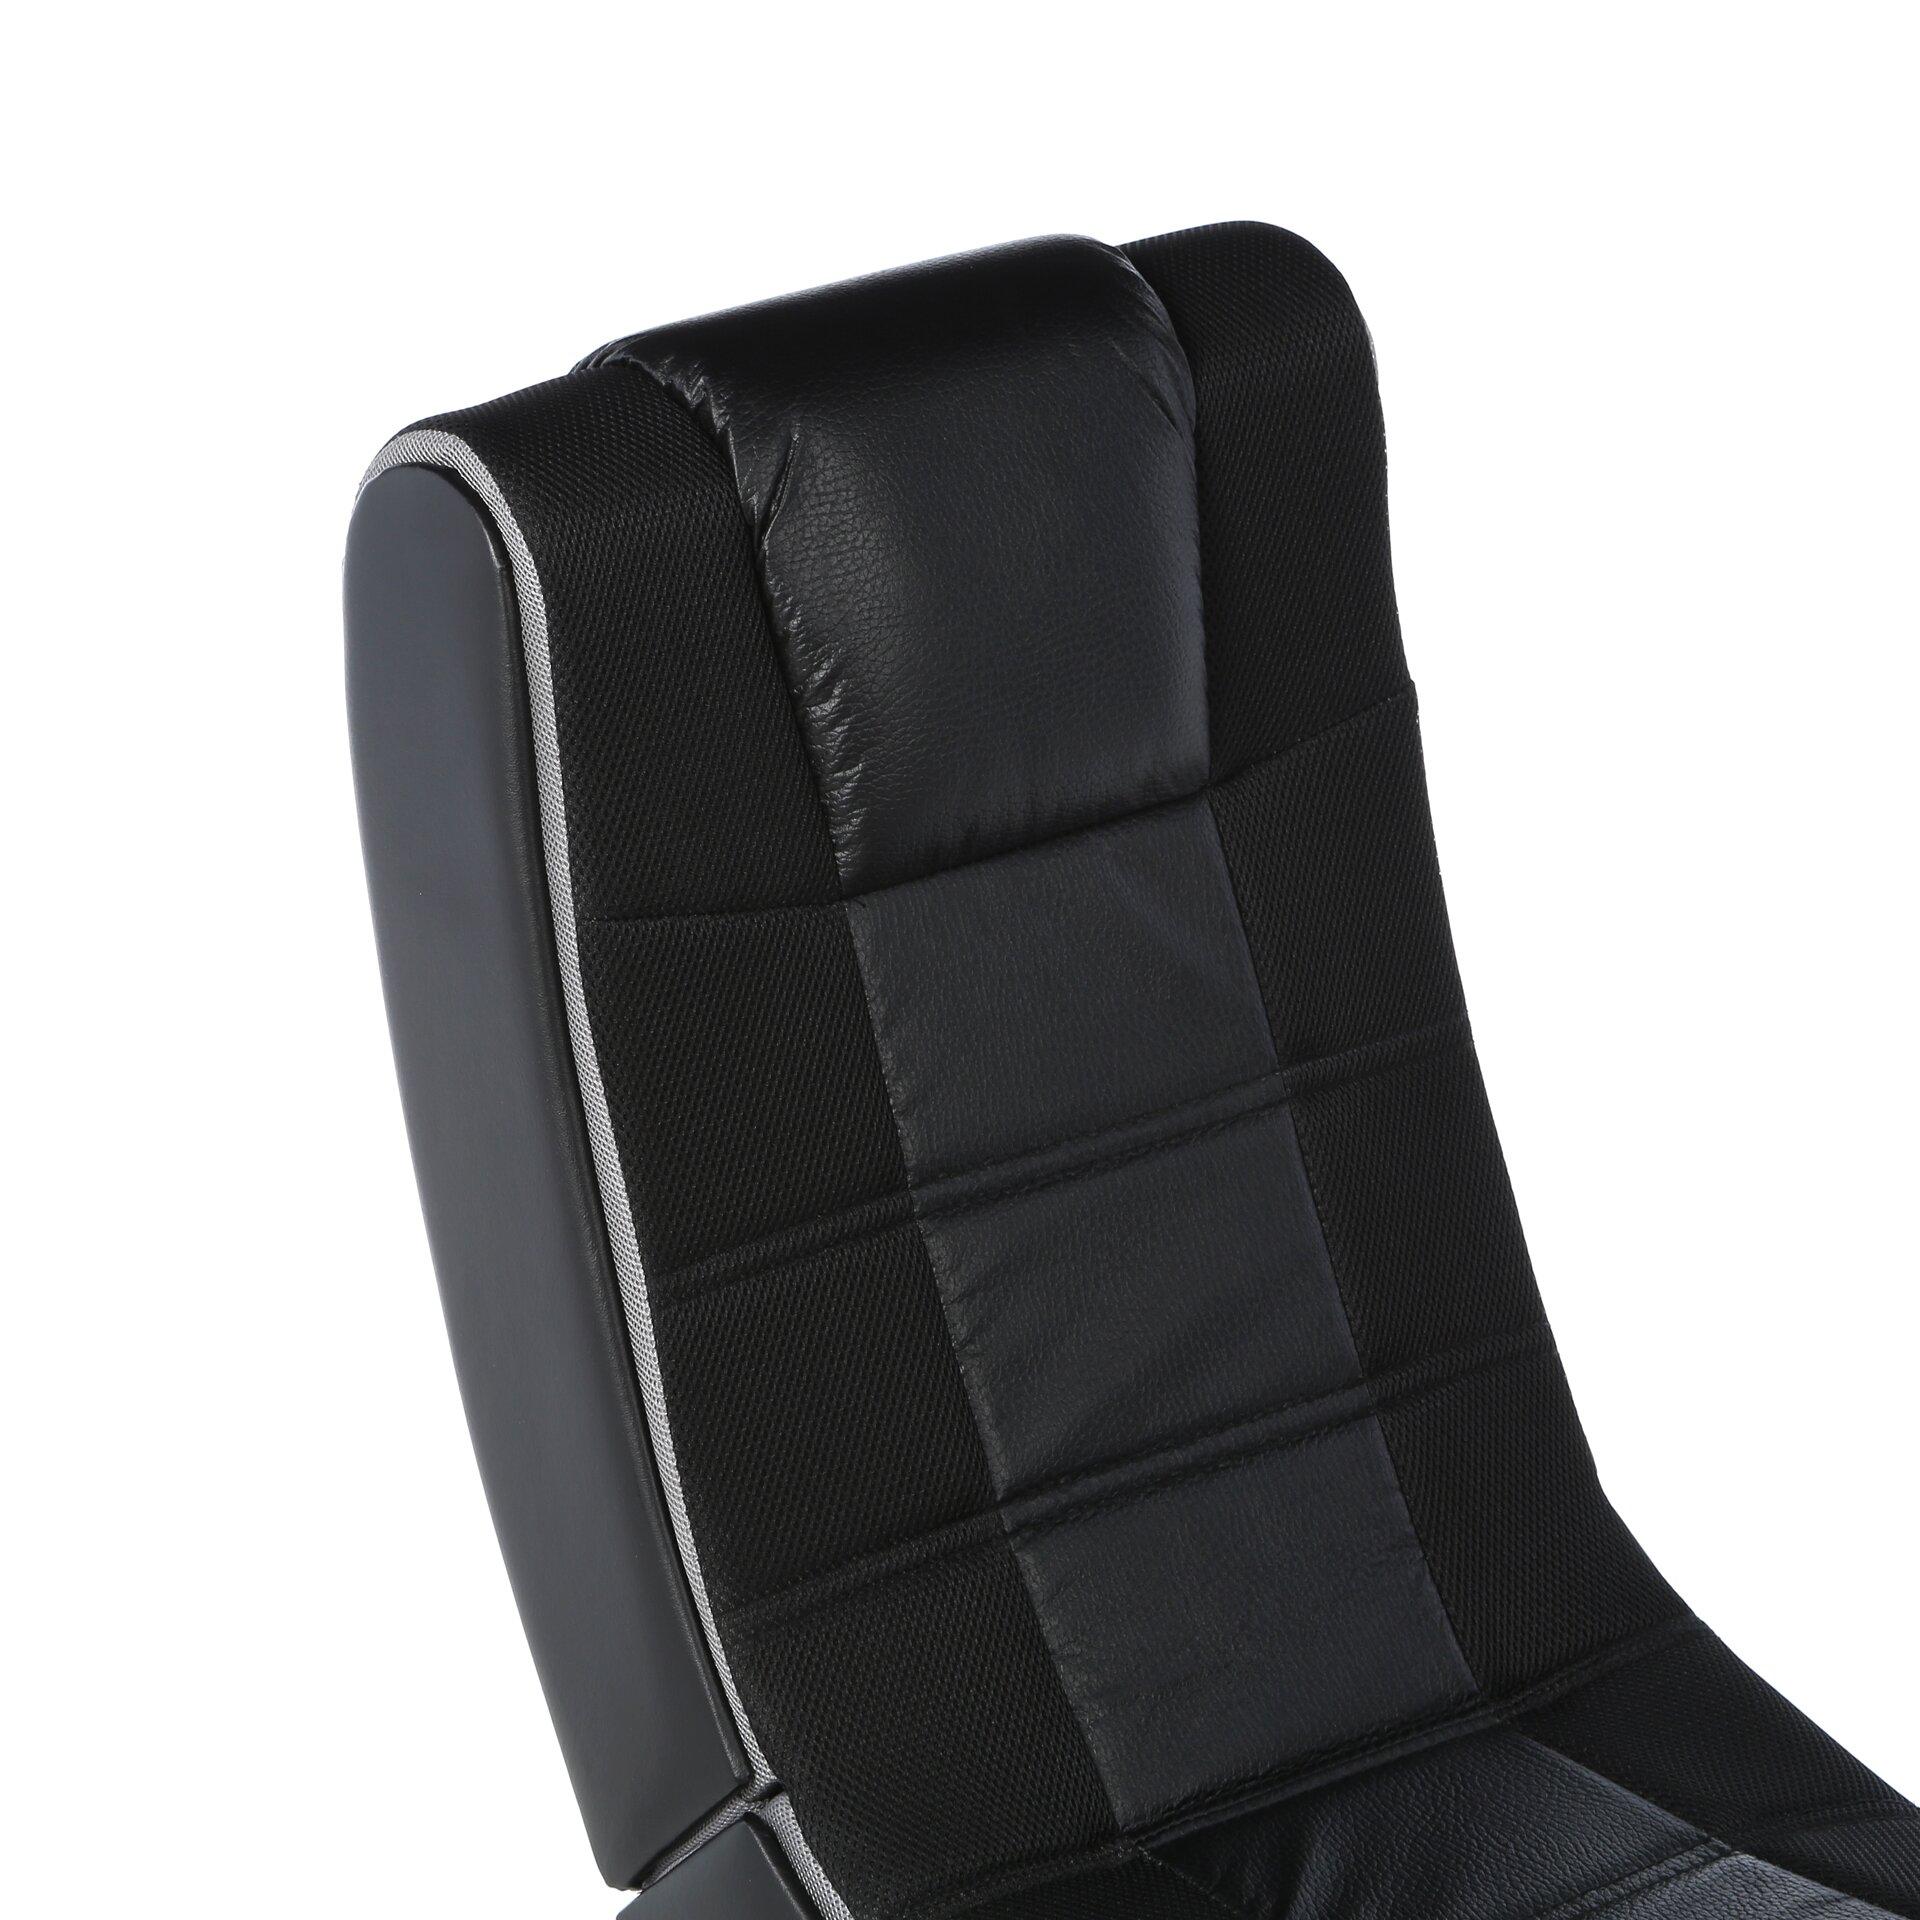 X Rocker Rocking Gaming Chair